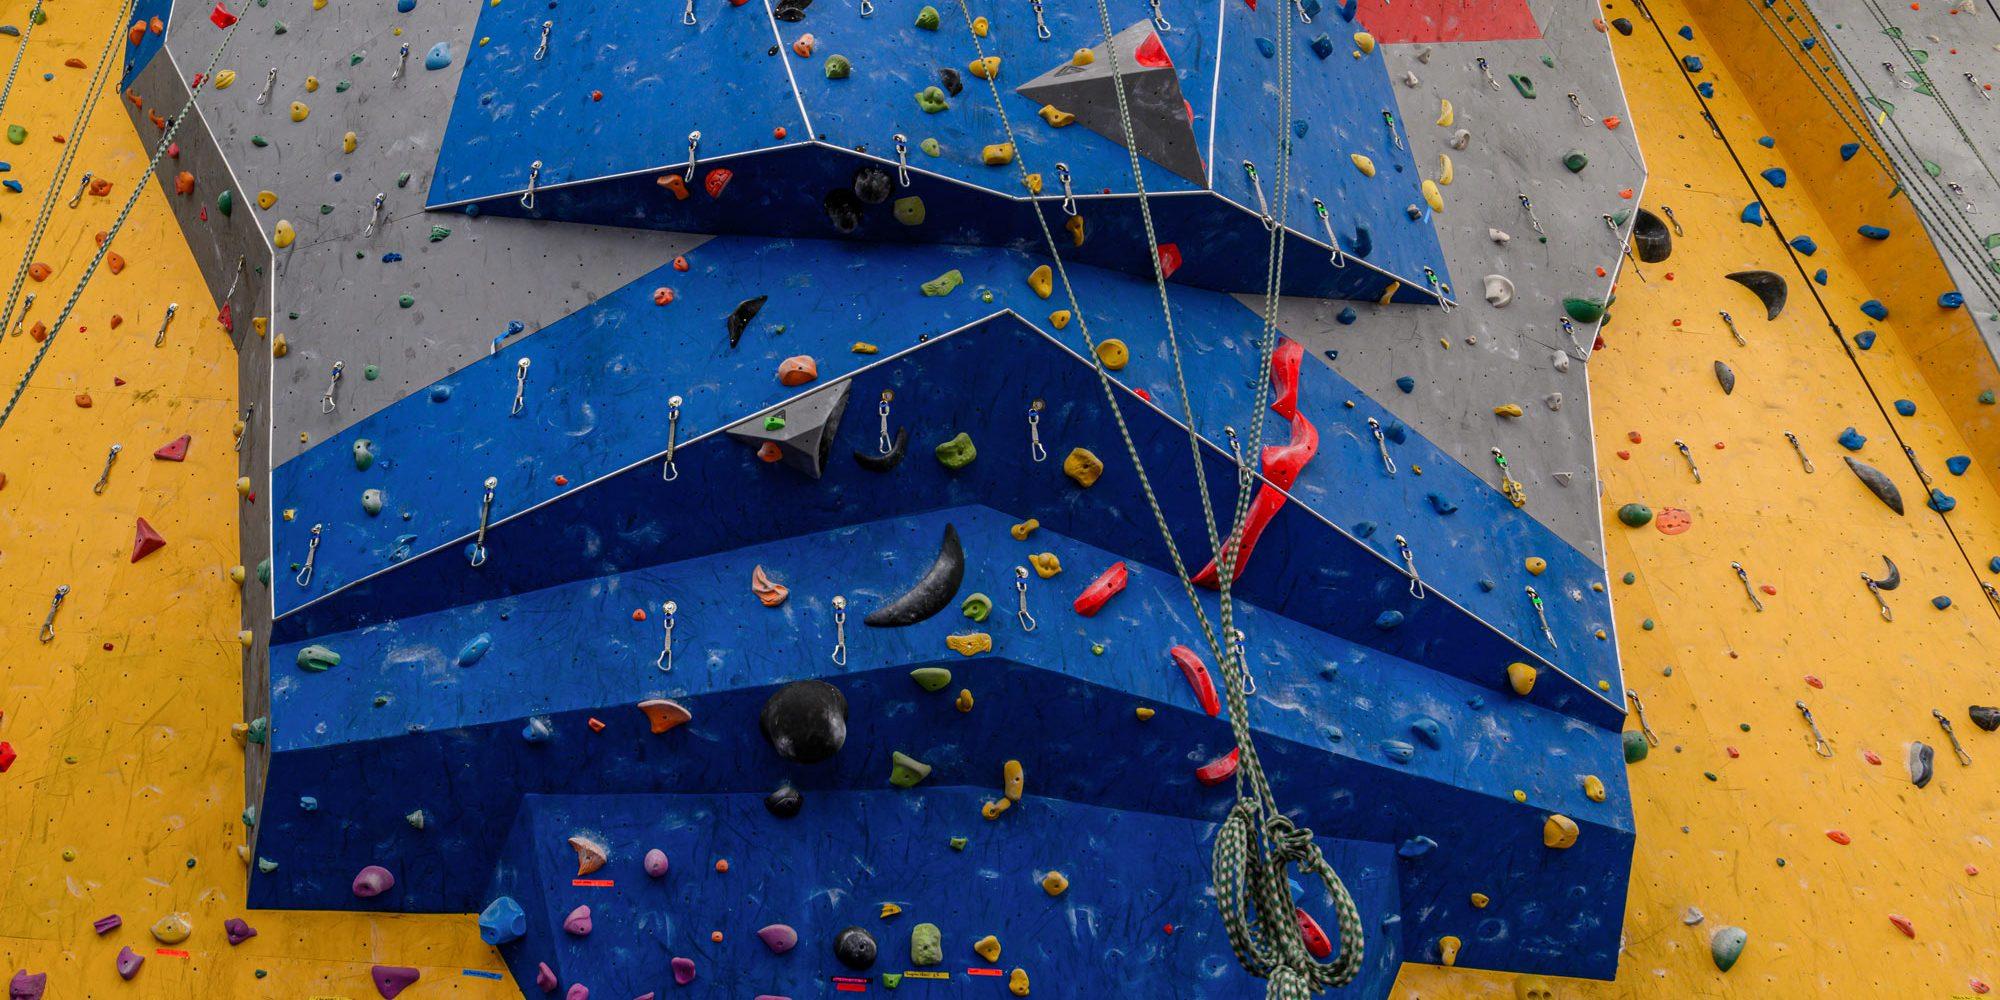 Escalade-Mur de X mètres